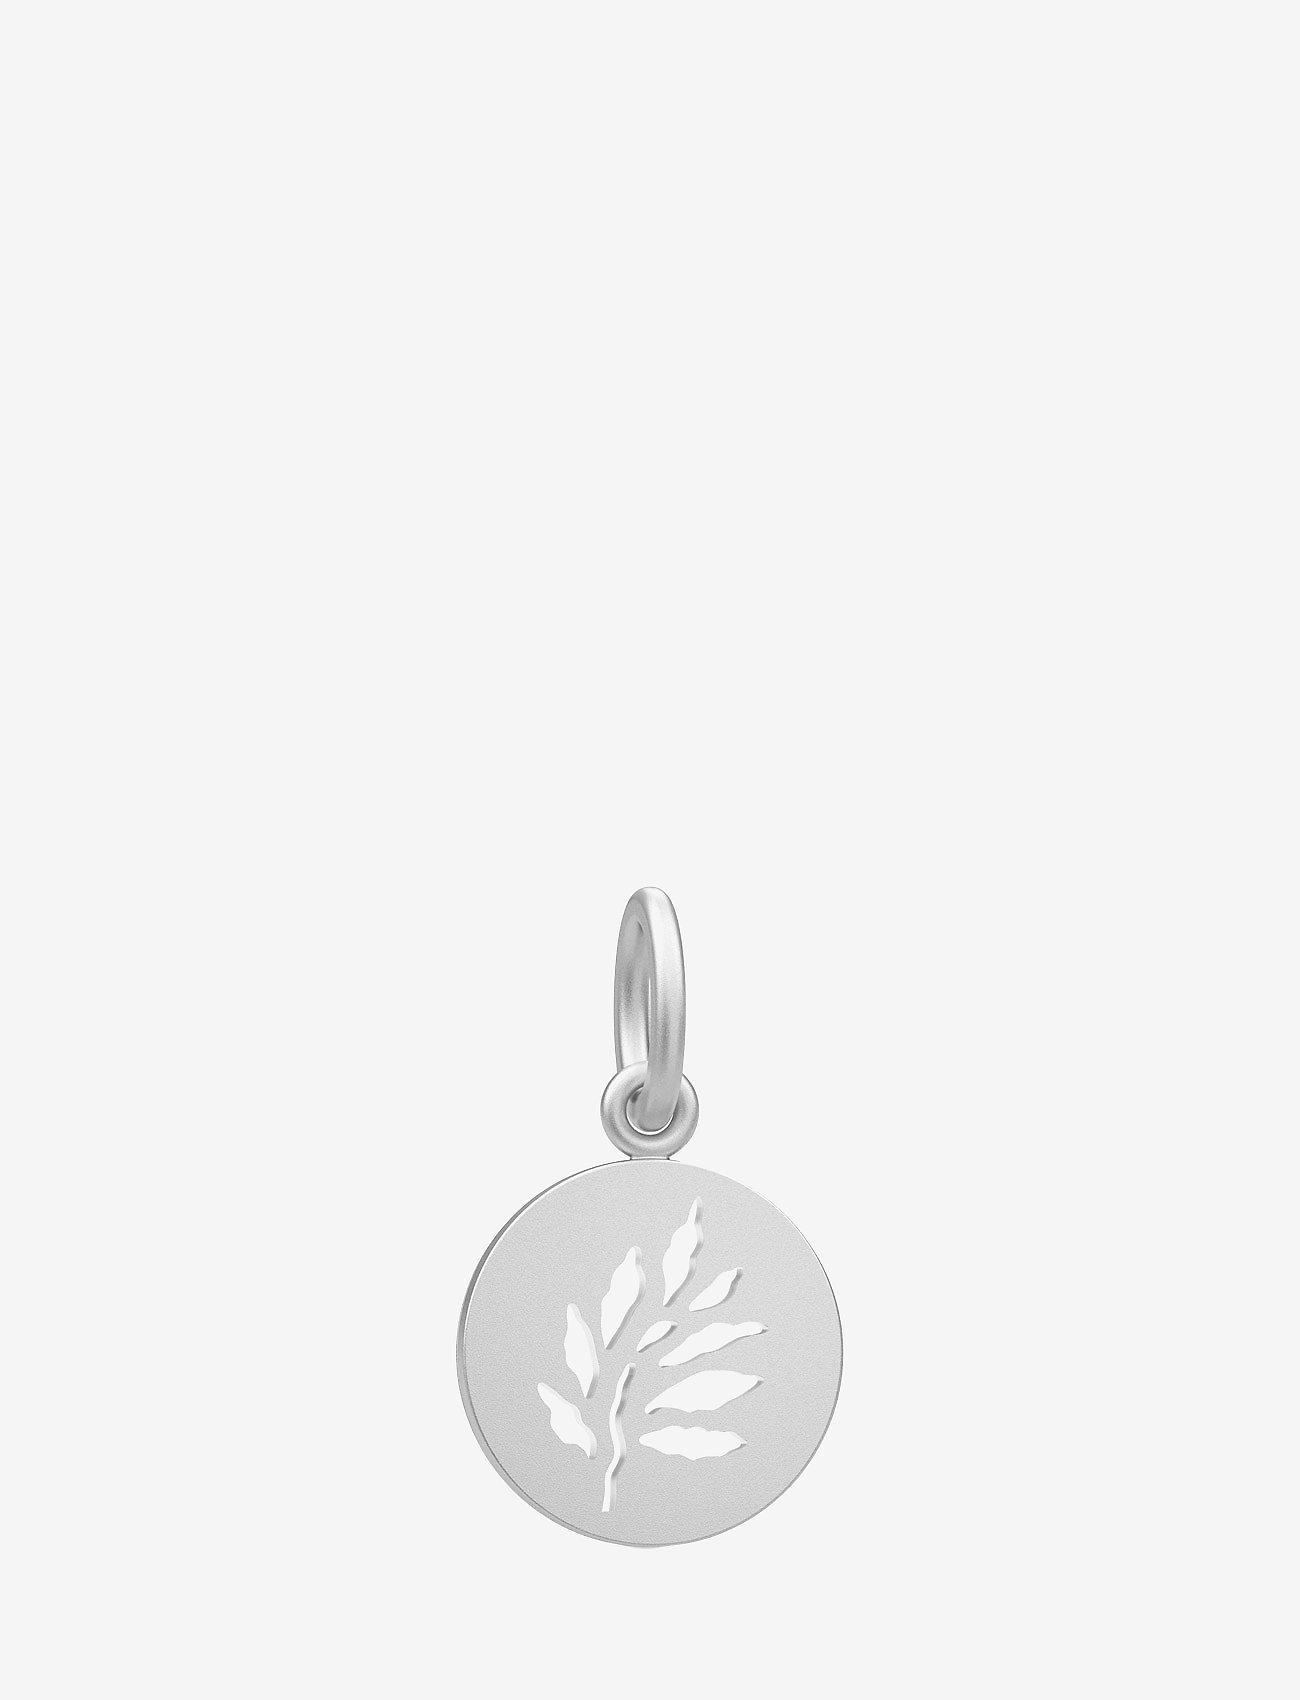 Julie Sandlau - Signature pendant - Rhodium - kuloni - silver - 0